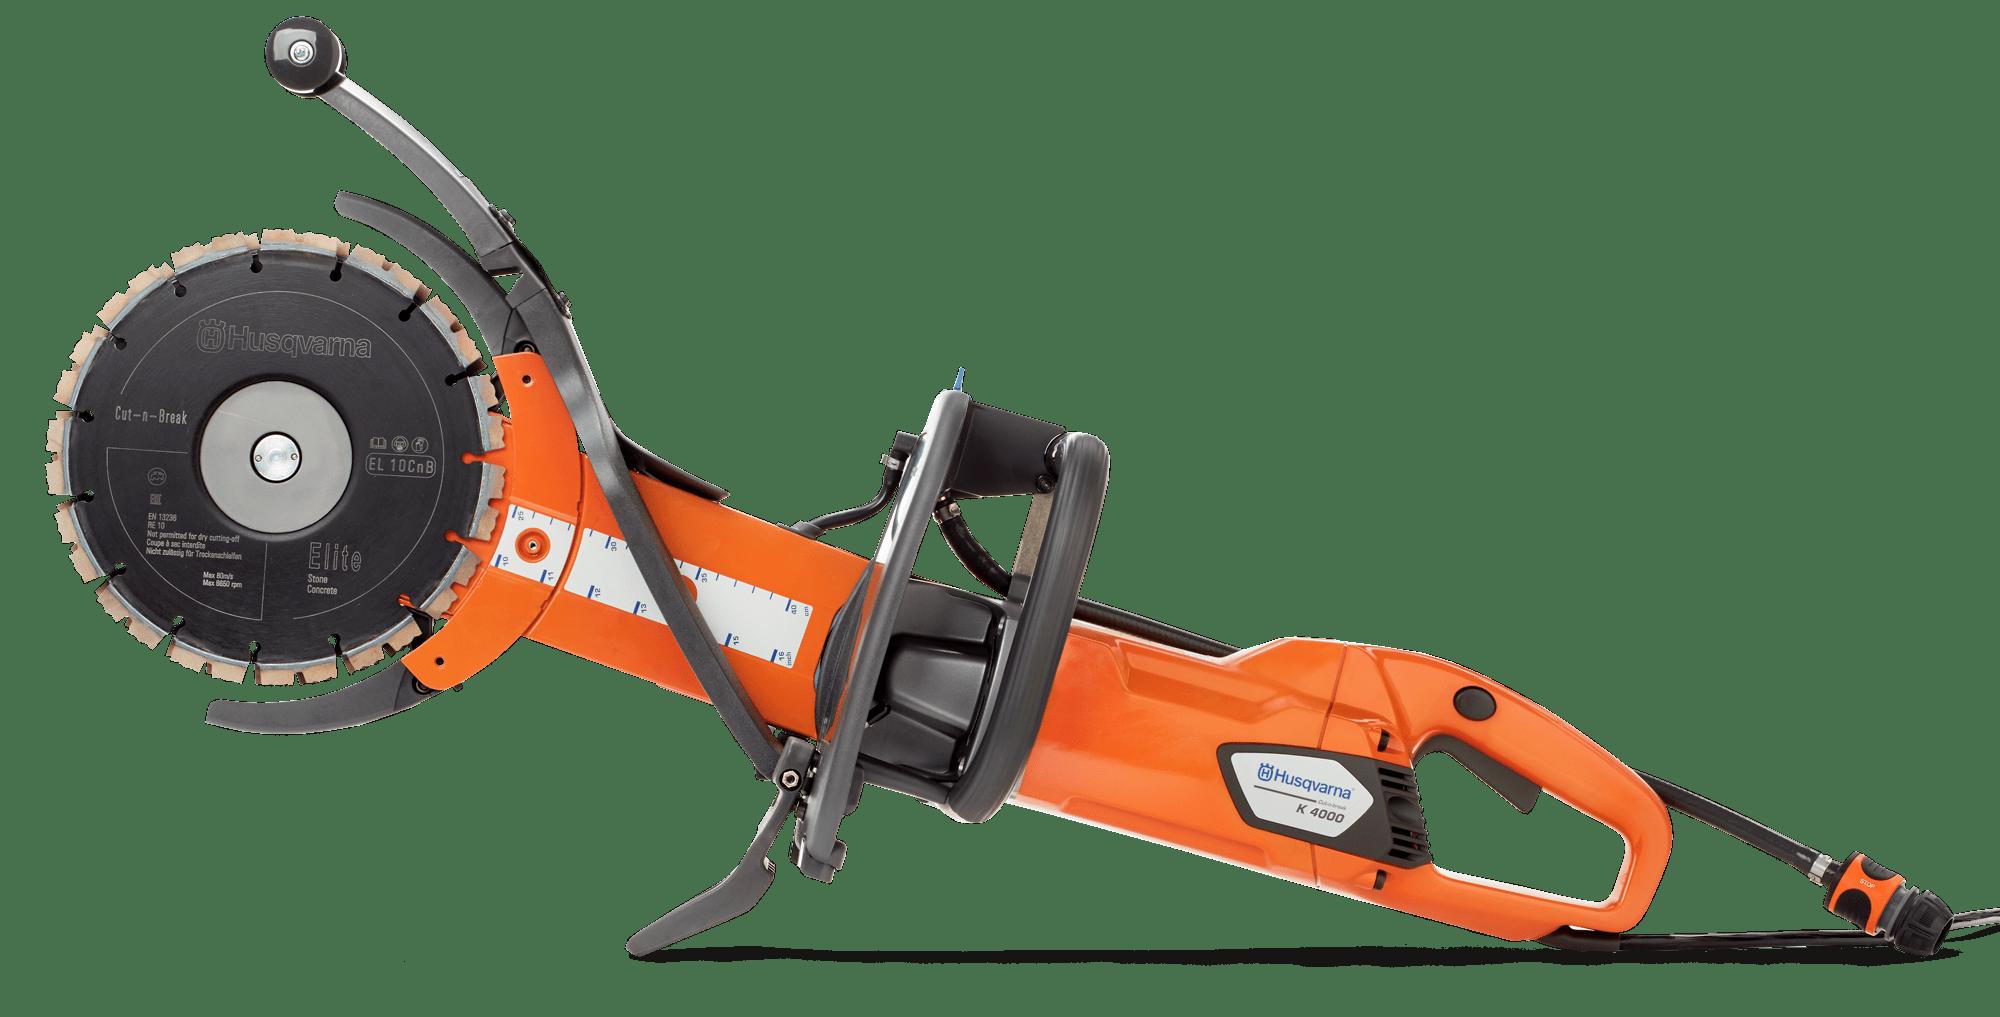 Husqvarna Power cutters K 4000 Cut-n-Break